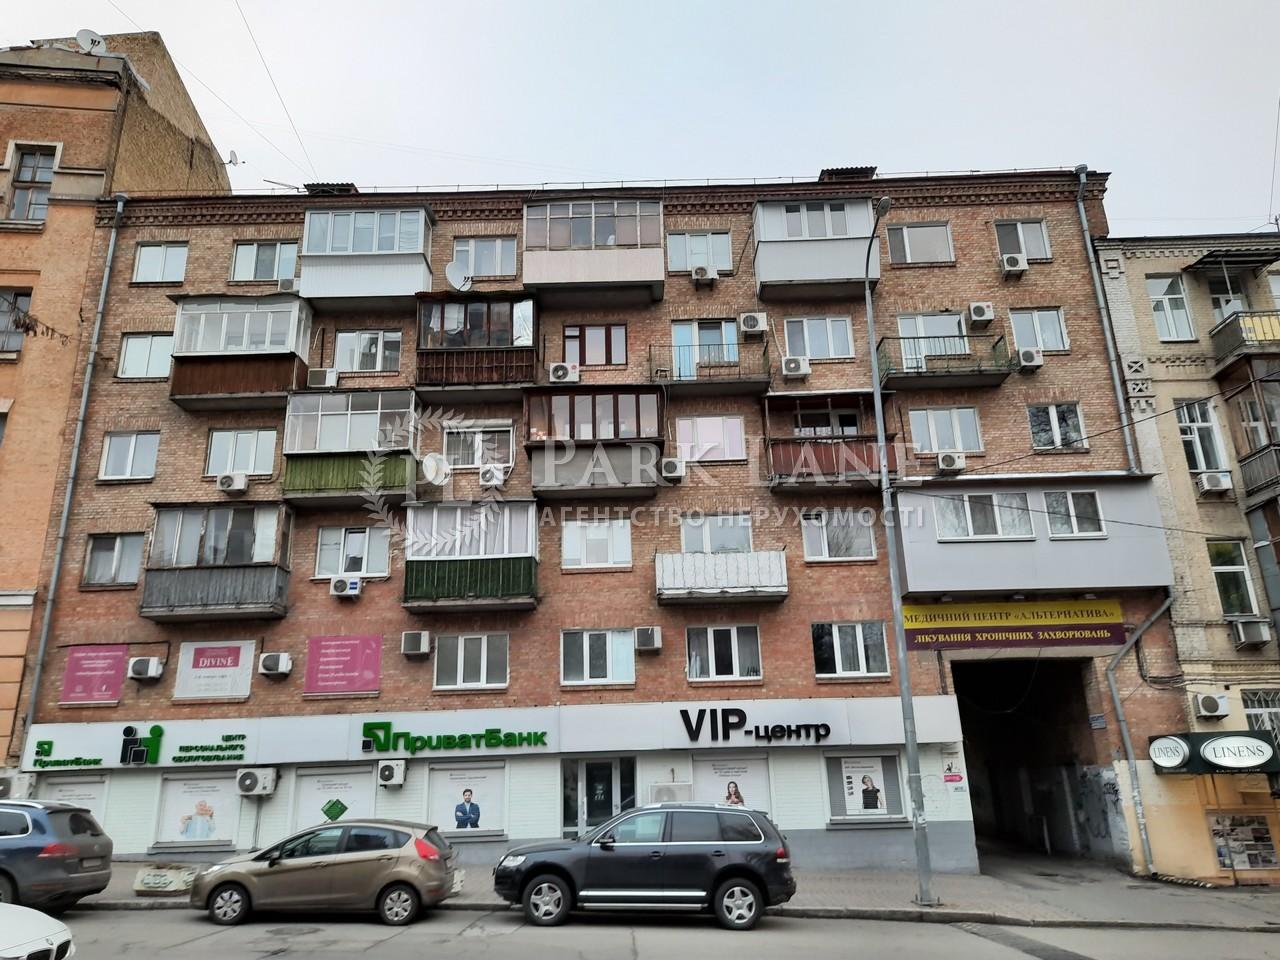 Нежилое помещение, ул. Некрасовская, Киев, L-26031 - Фото 1